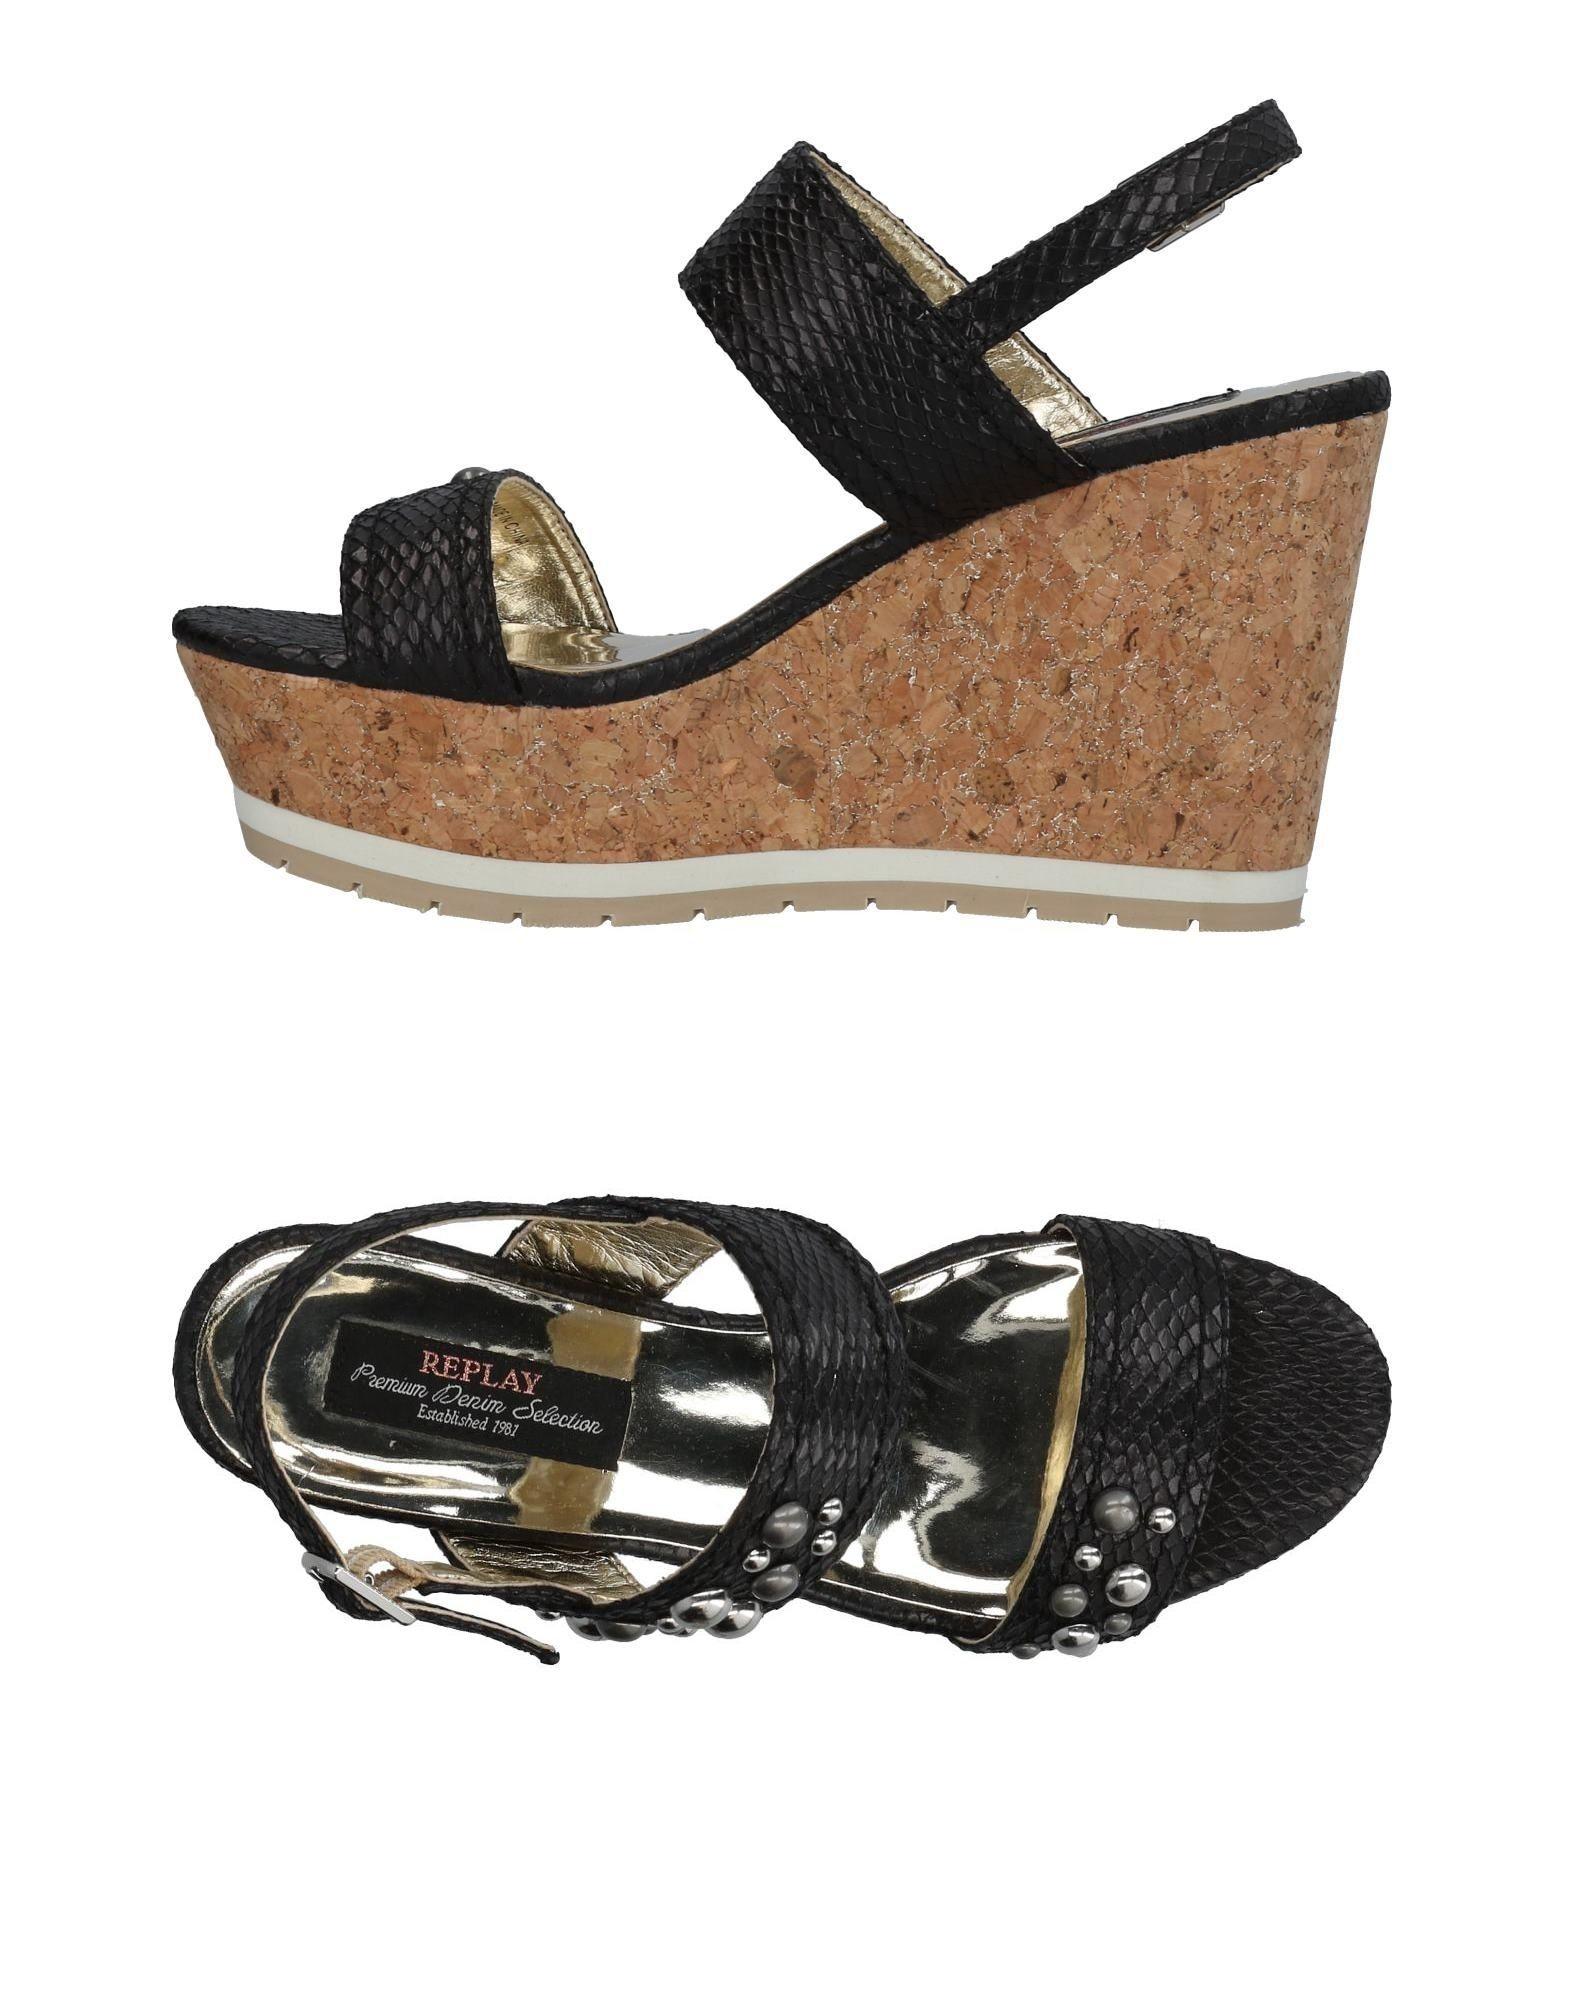 Sandales Replay Femme - Sandales Replay sur